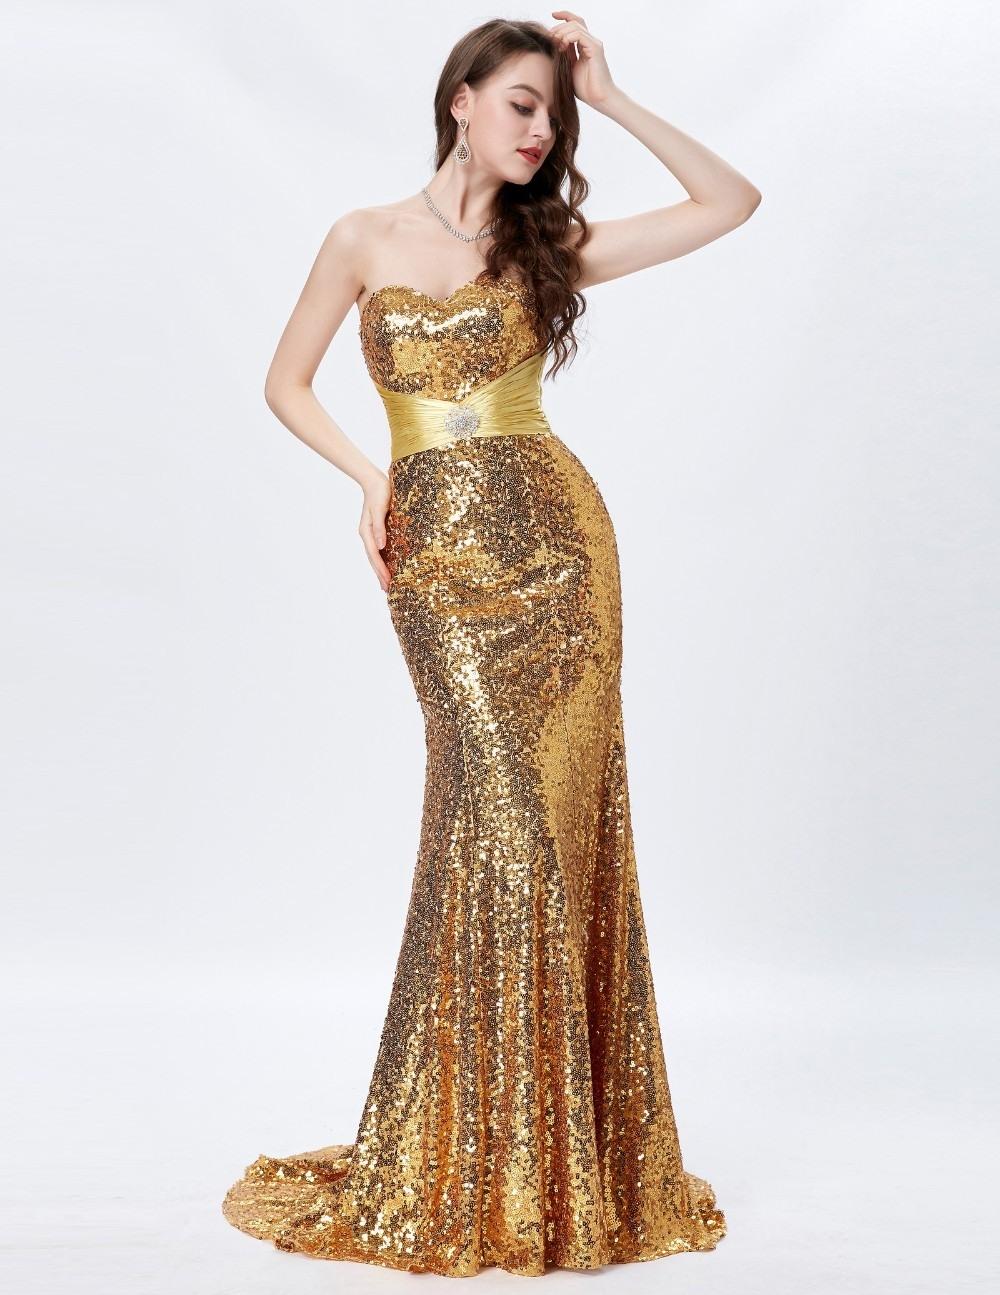 13 Großartig Kleider Für Besondere Anlässe Spezialgebiet15 Kreativ Kleider Für Besondere Anlässe Bester Preis